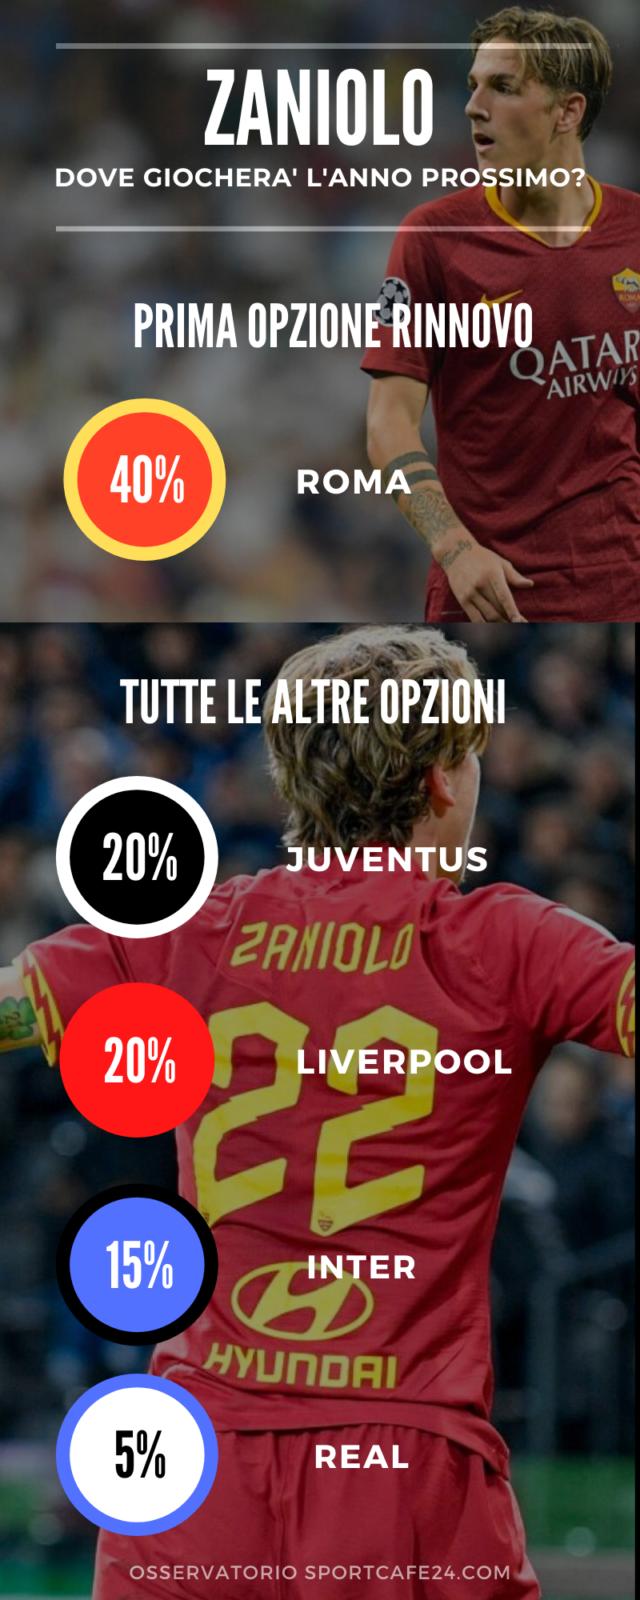 Infografica Calciomercato Zaniolo